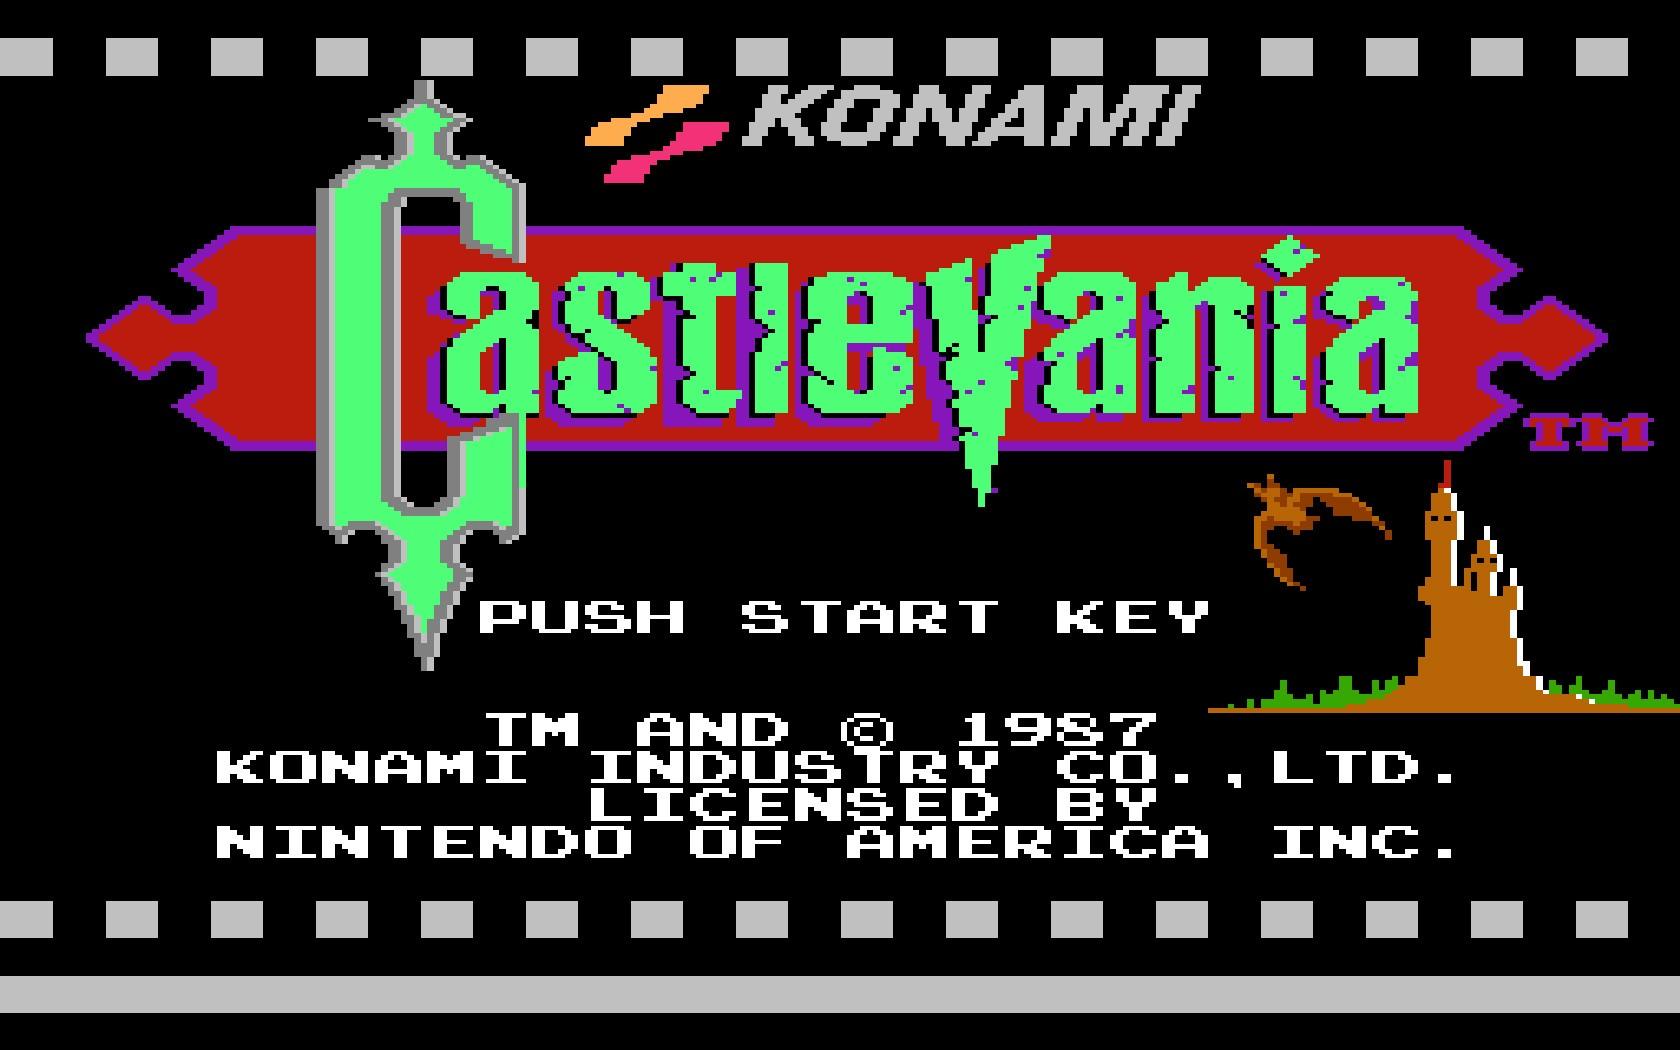 texto logotipo design gráfico Jogos retro Marca Castlevania área linha  propaganda lazer gráficos 1680x1050 px Fonte